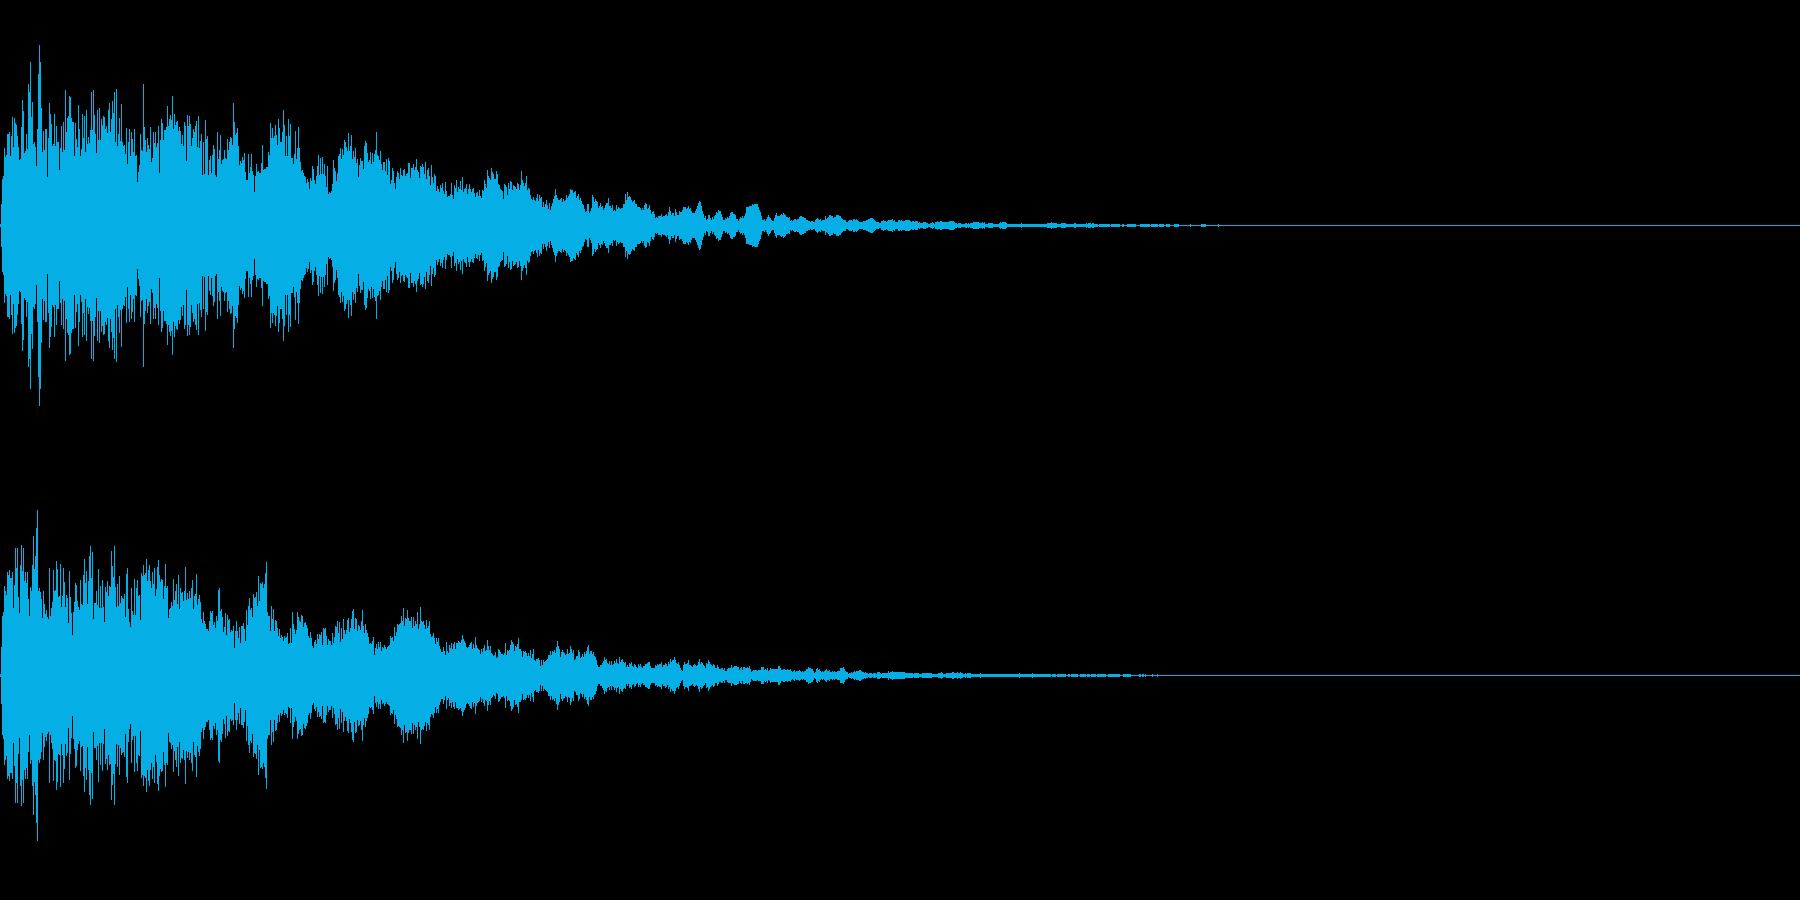 ア〜ン(女性のセクシーな声)の再生済みの波形